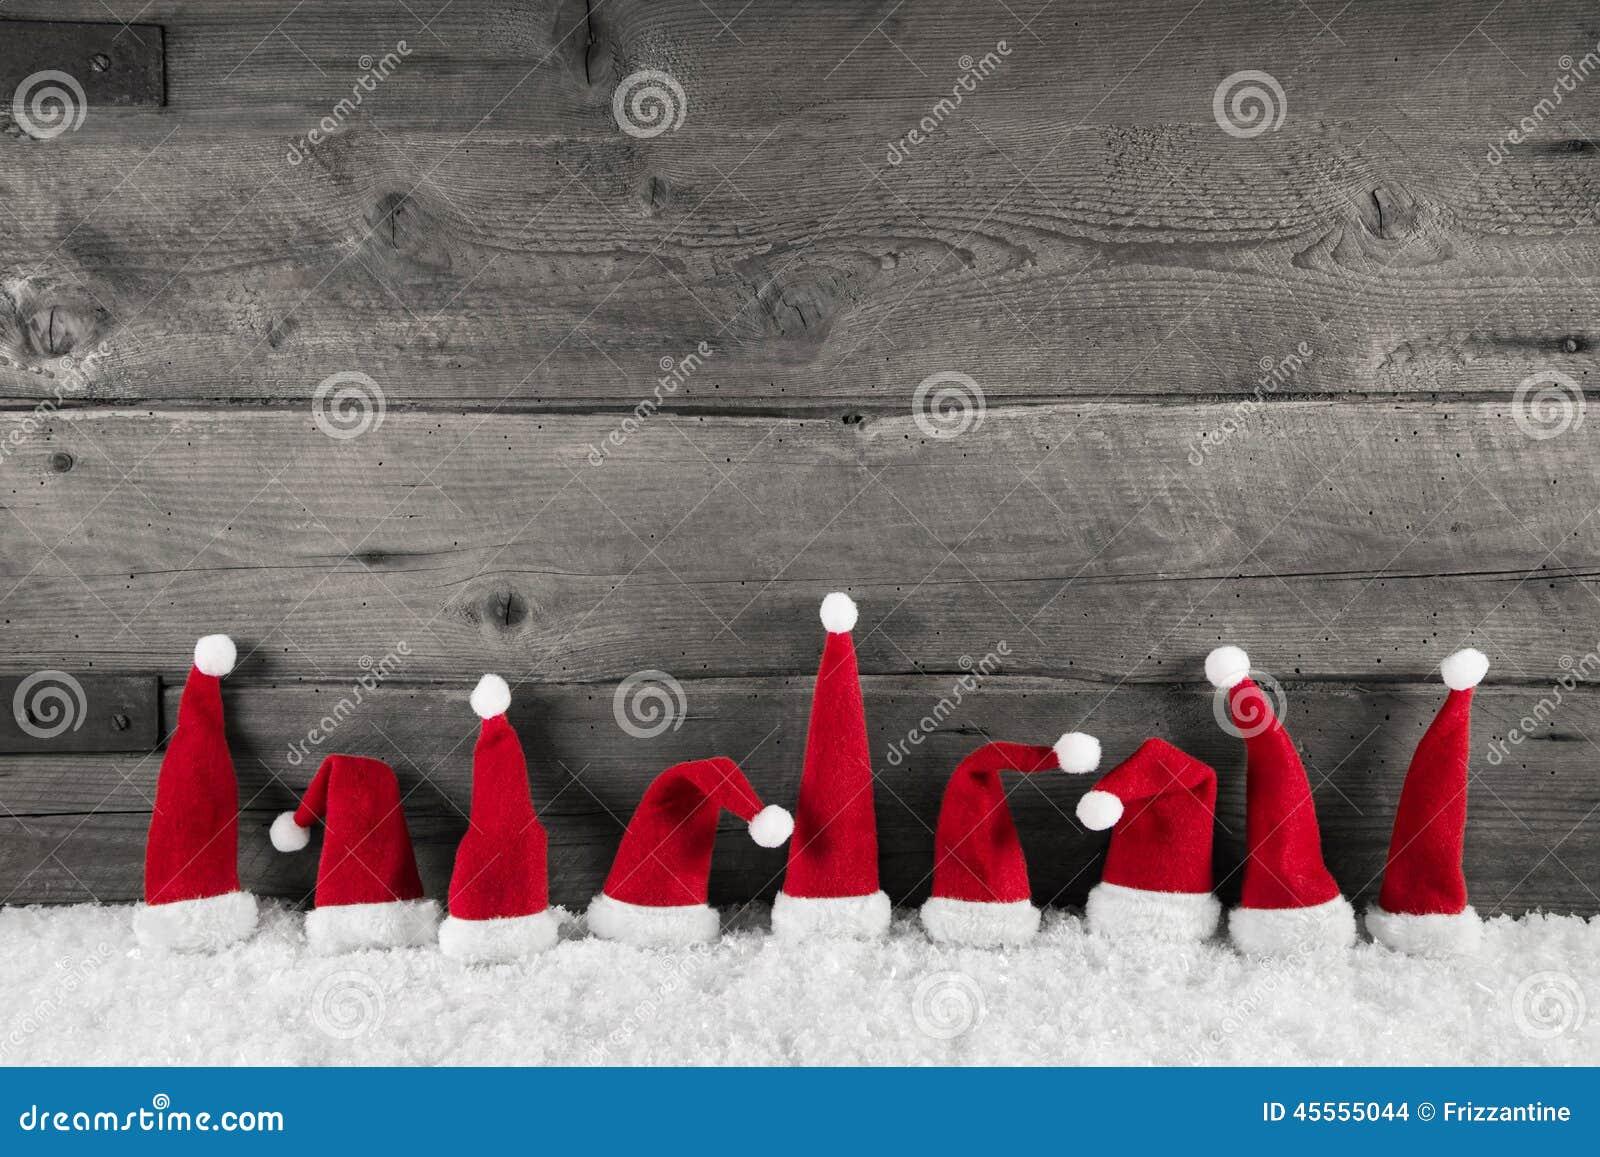 Fondo de madera de la Navidad con los sombreros rojos de santa para un franco festivo